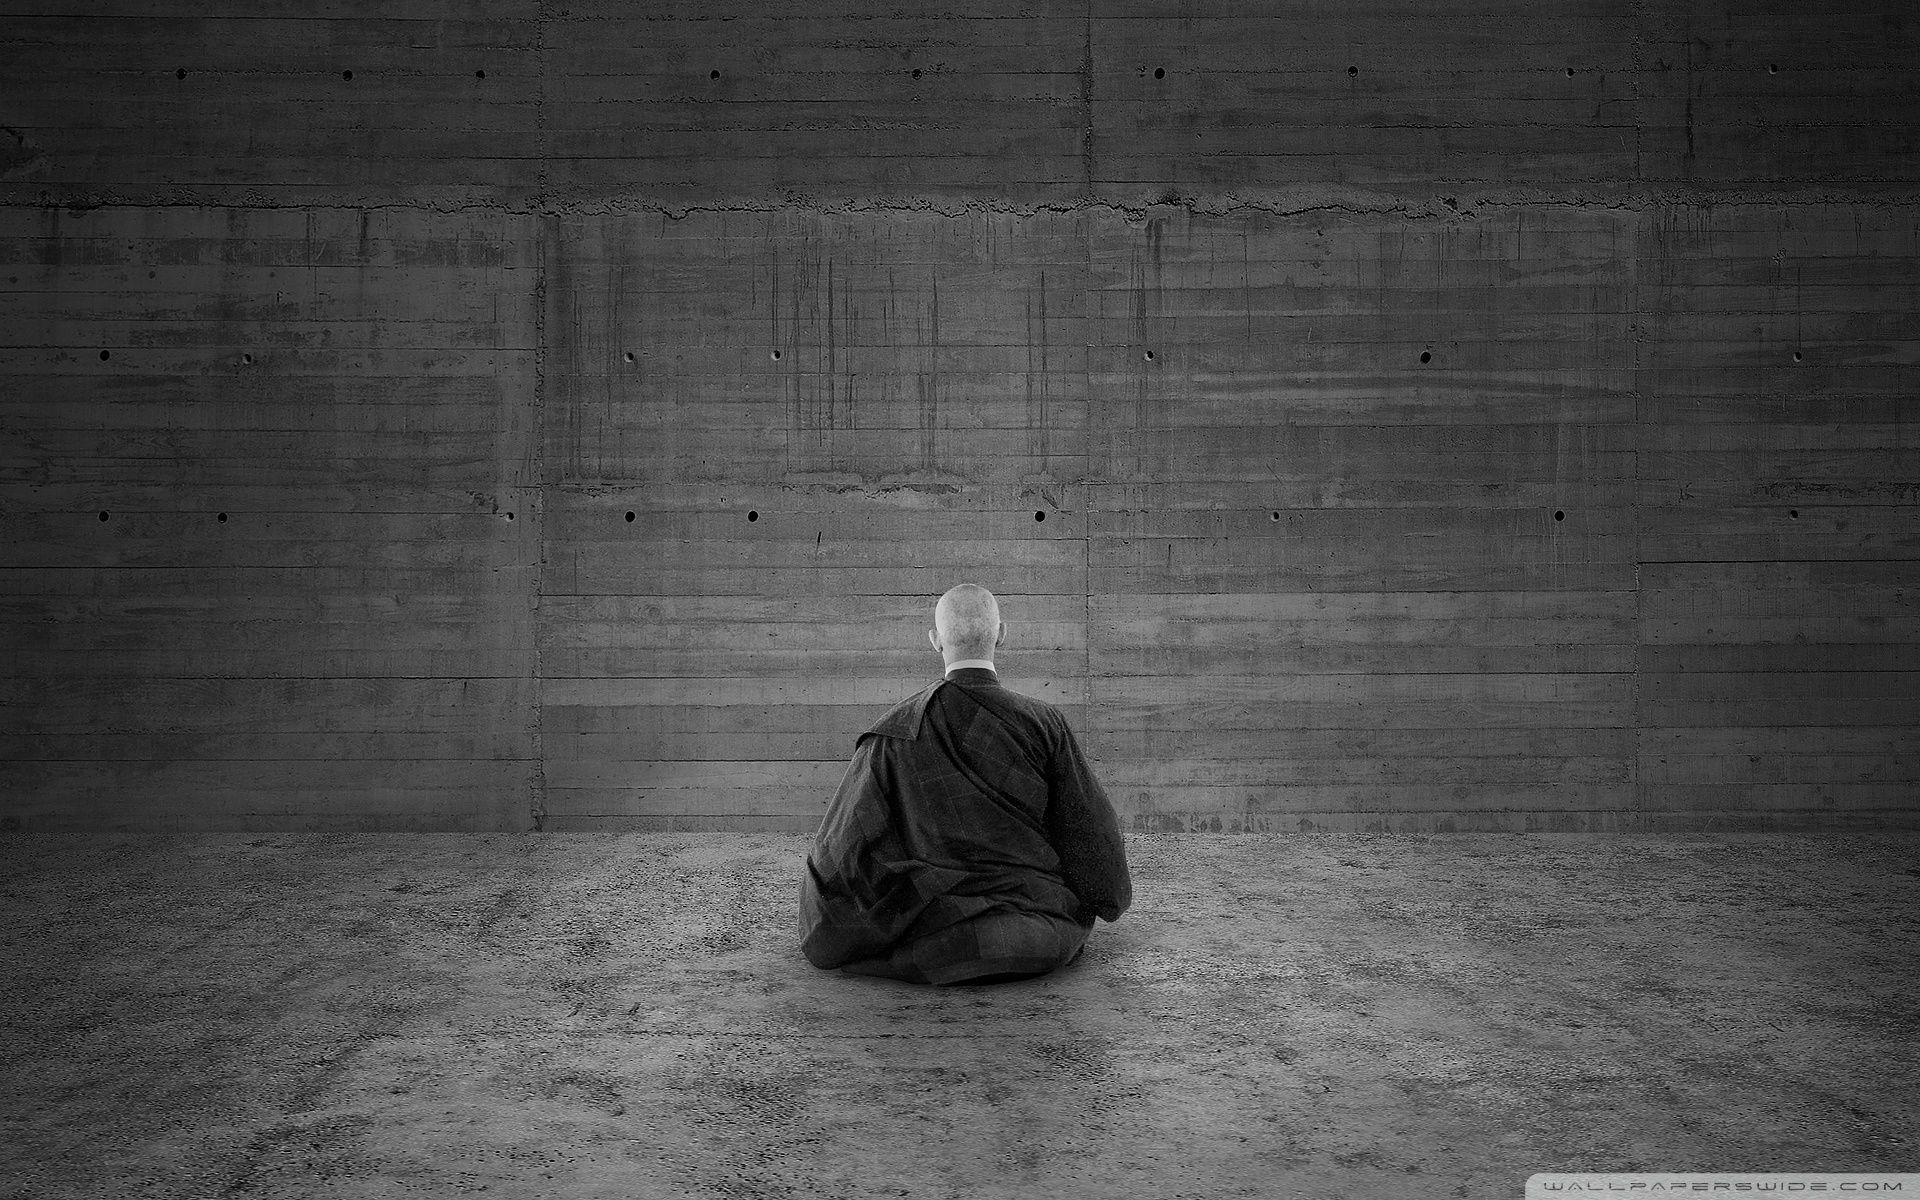 Zen Monk Wallpapers Top Free Zen Monk Backgrounds